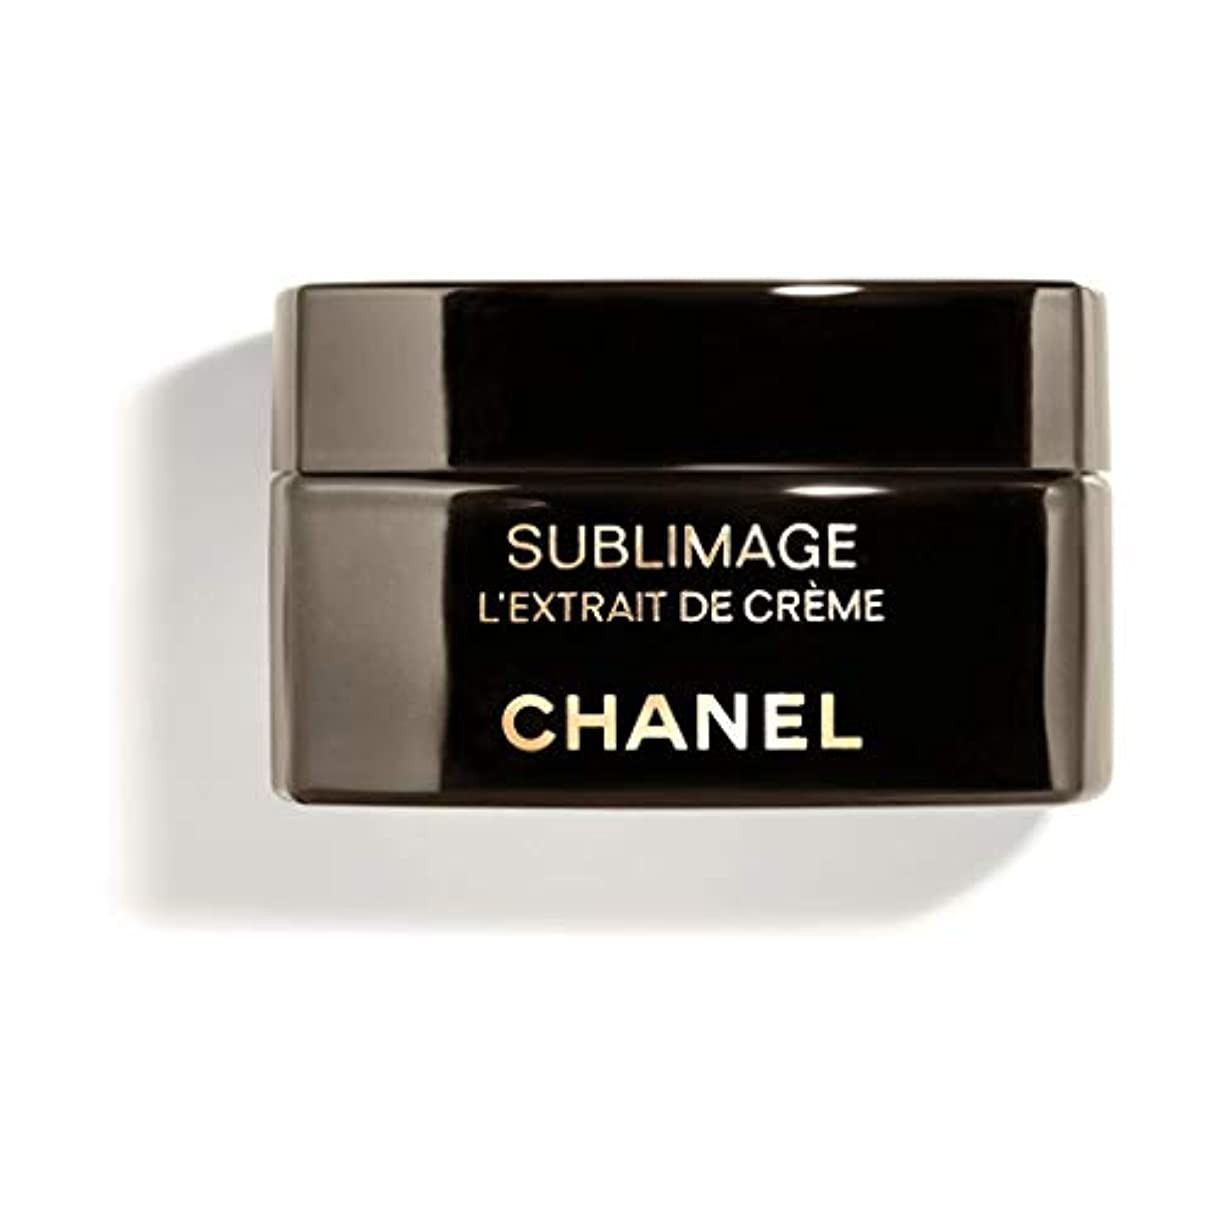 うがいさまよう代名詞CHANEL(シャネル) SUBLIMAGE L EXTRAIT DE CREME サブリマージュ レクストレ ドゥ クレーム 50g